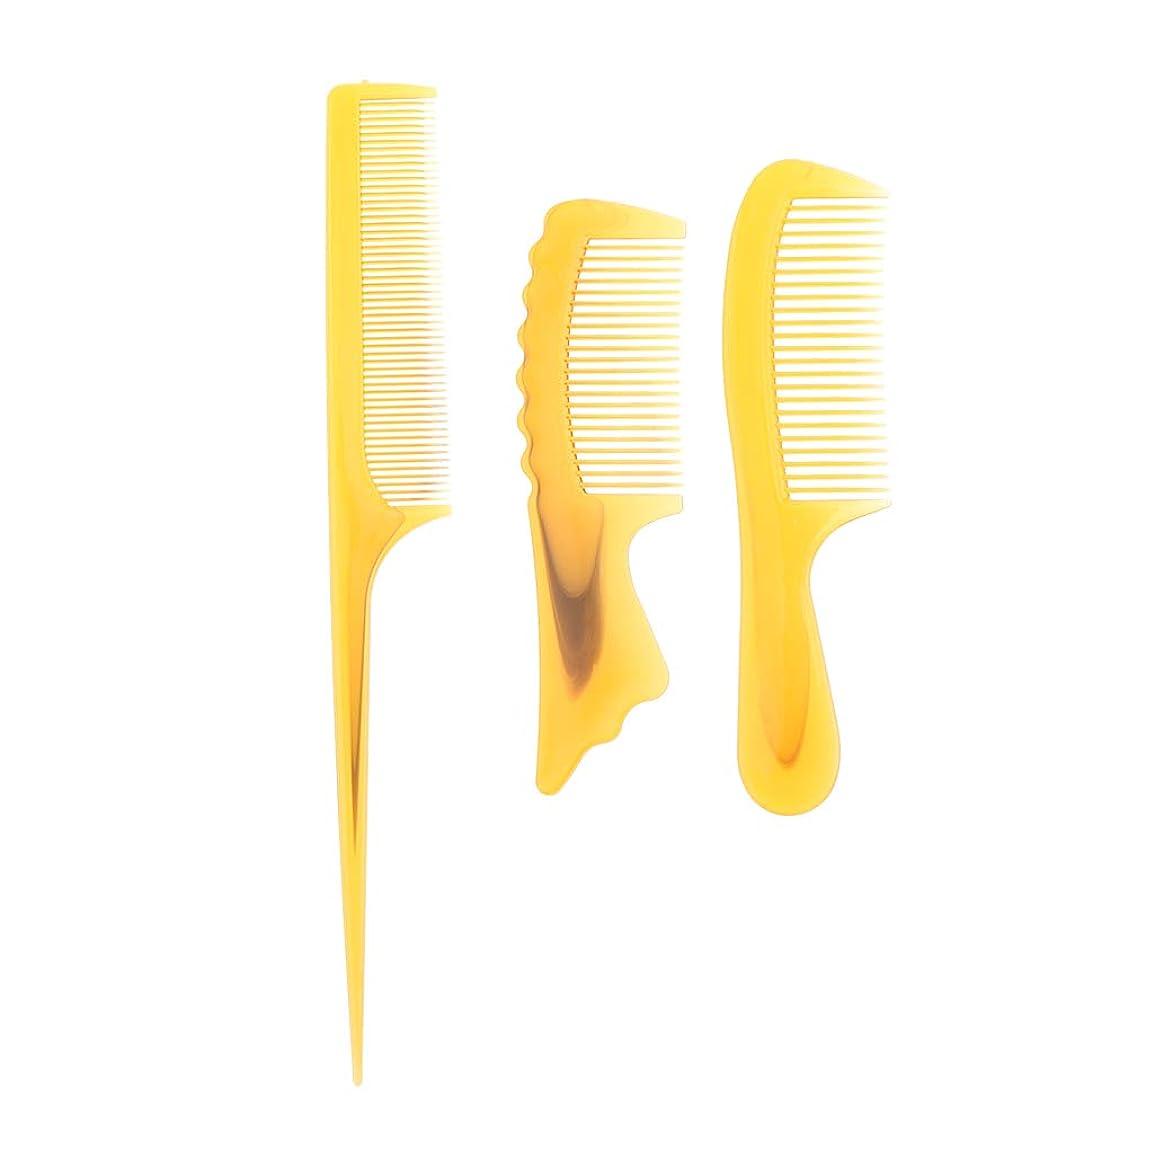 失速居住者吸収剤B Baosity 3個 ヘアコーム 静電防止櫛 コーム 理髪 美容師 ヘアケア